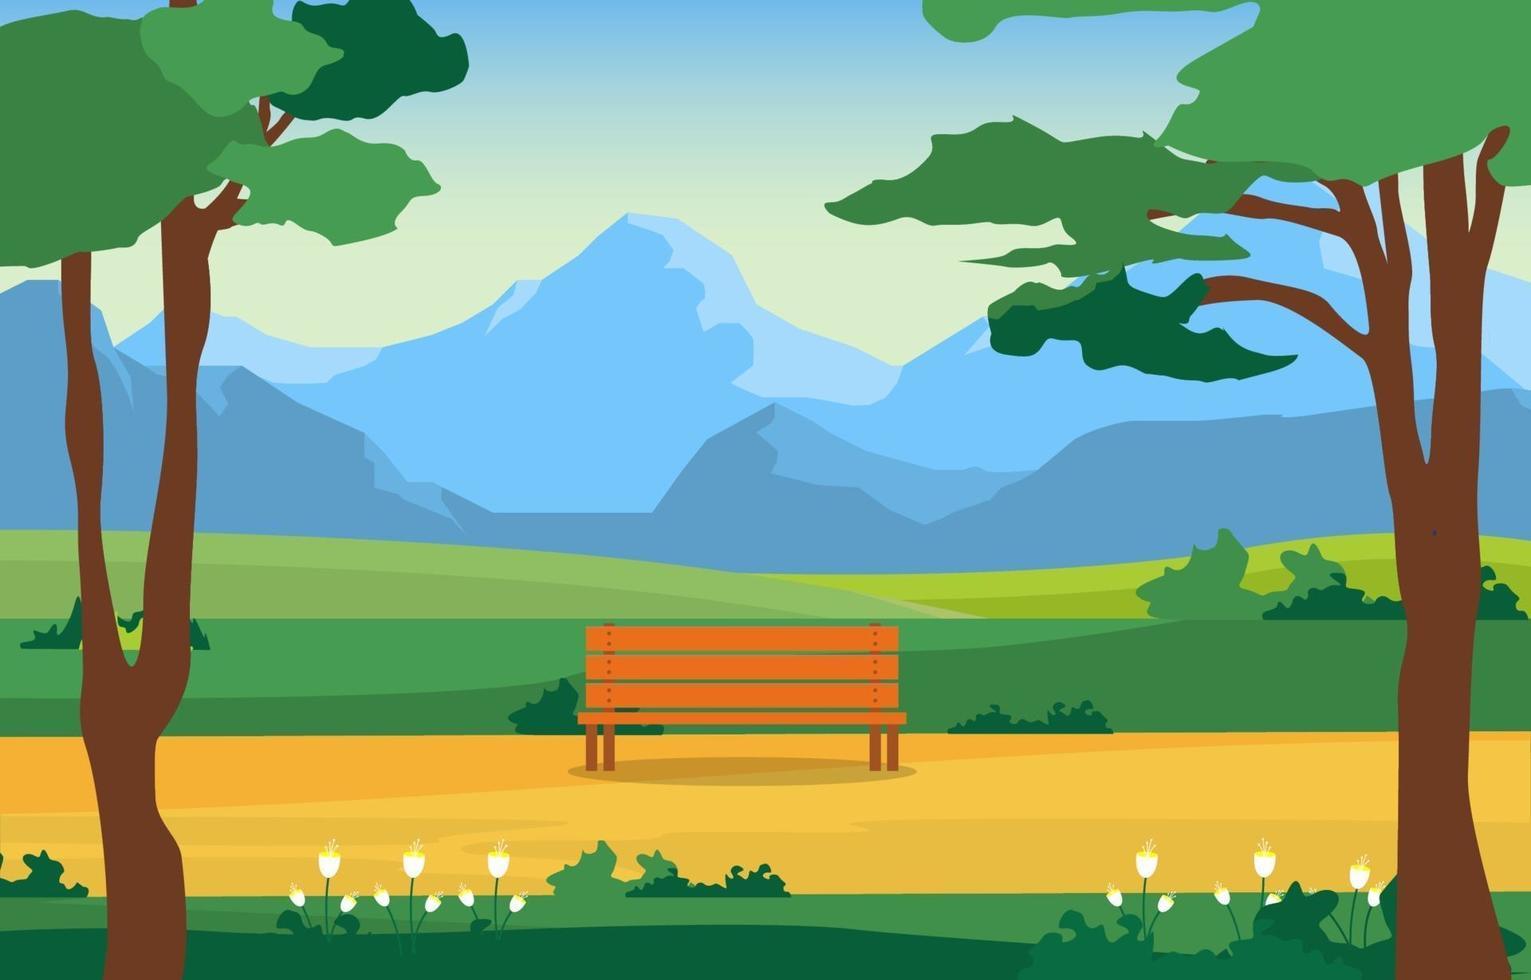 parque de verano con campo y montañas e ilustración de banco vector